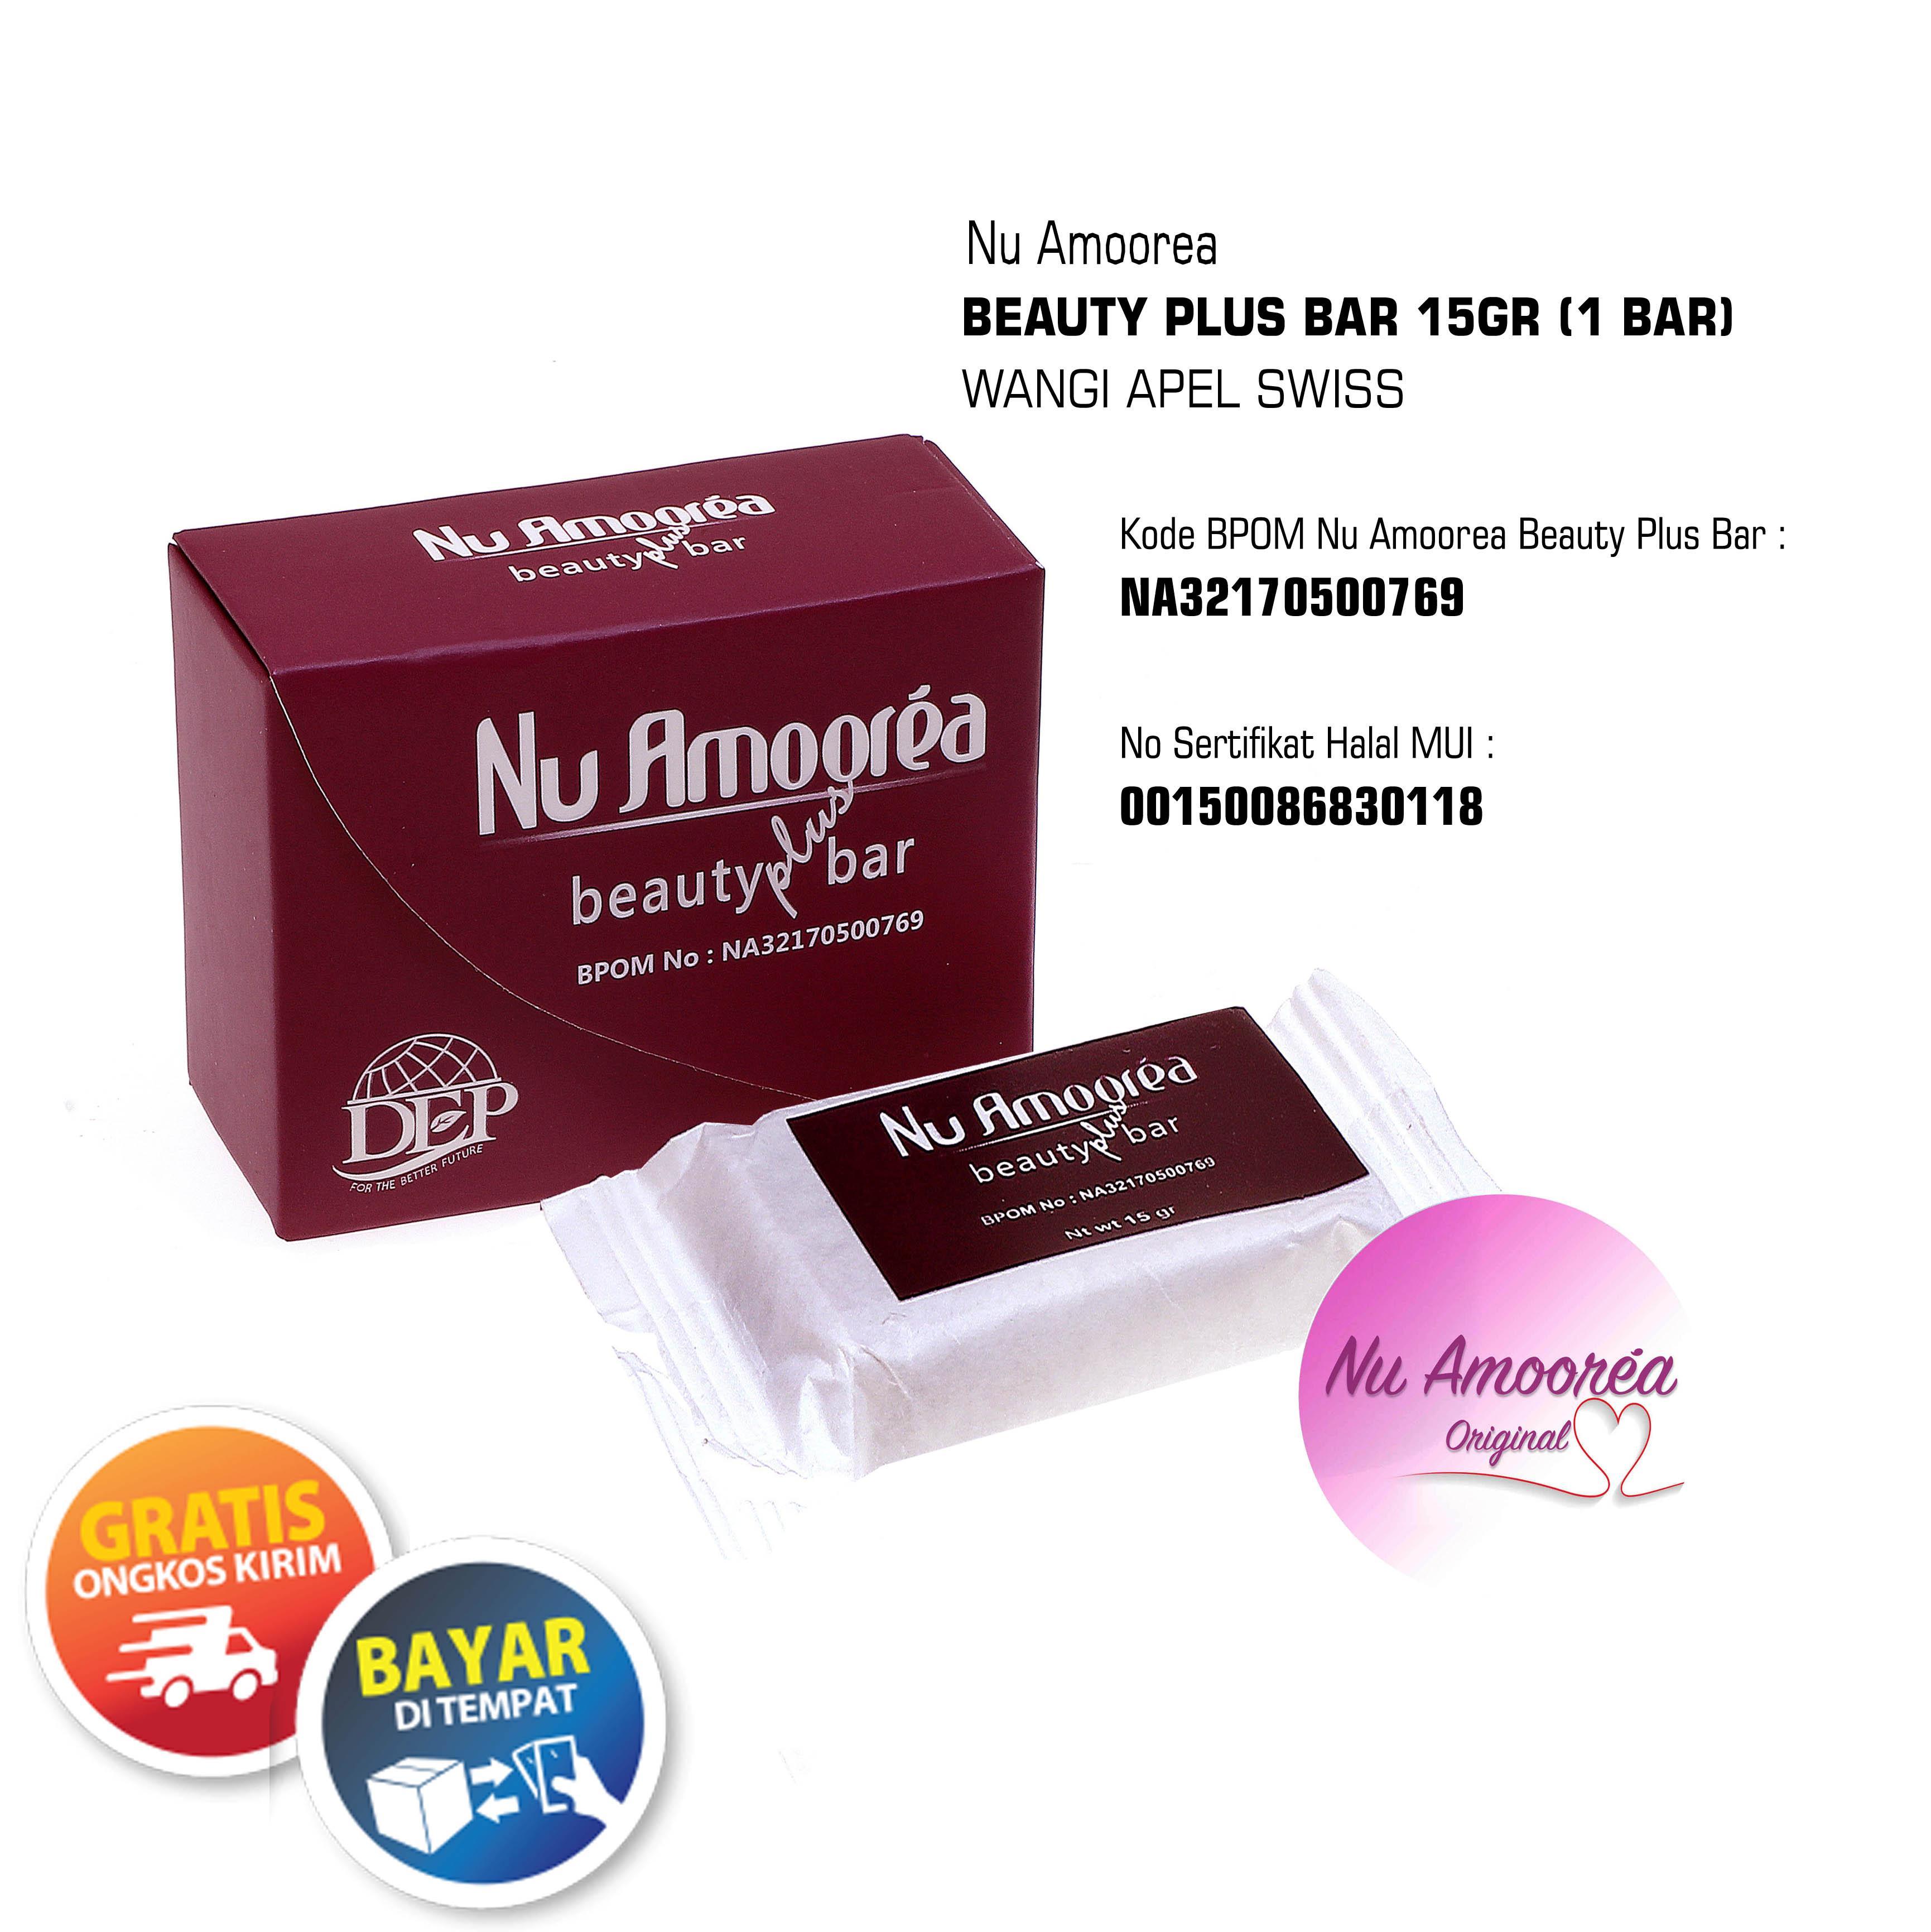 Nu Amoorea Beauty Plus Bar Stemcell 15gr By Nu Amoorea Original.